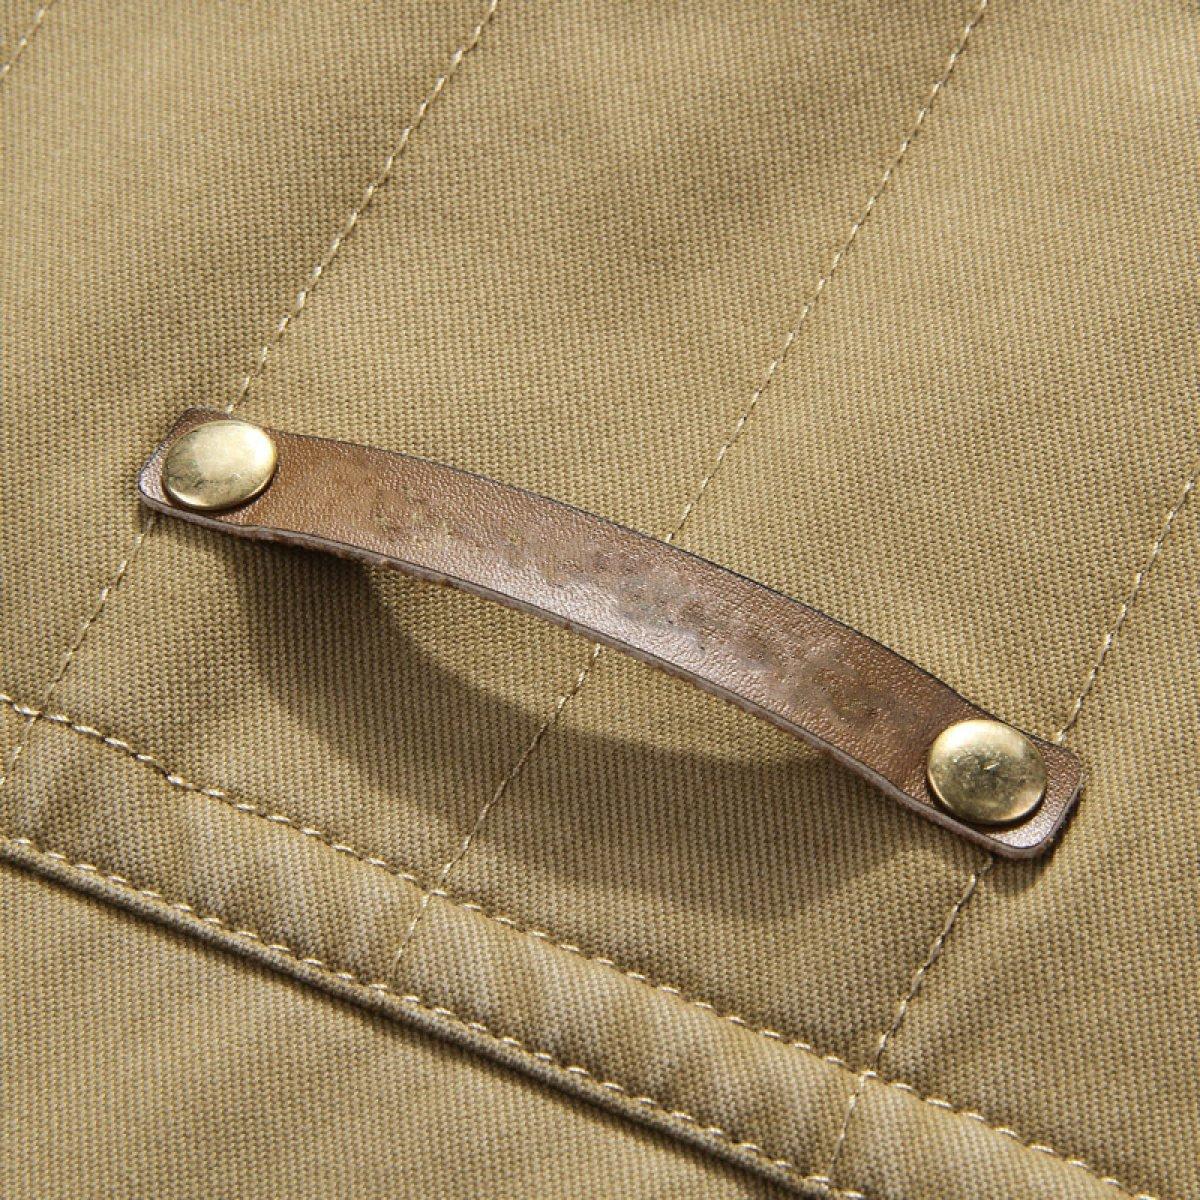 QIQIZHANG Frühling Männer Männer Männer Gewaschener Baumwolle Lässig Im Freien Anglerweste B073ZKFBLN Westen Globale Verkäufe 4f2da1